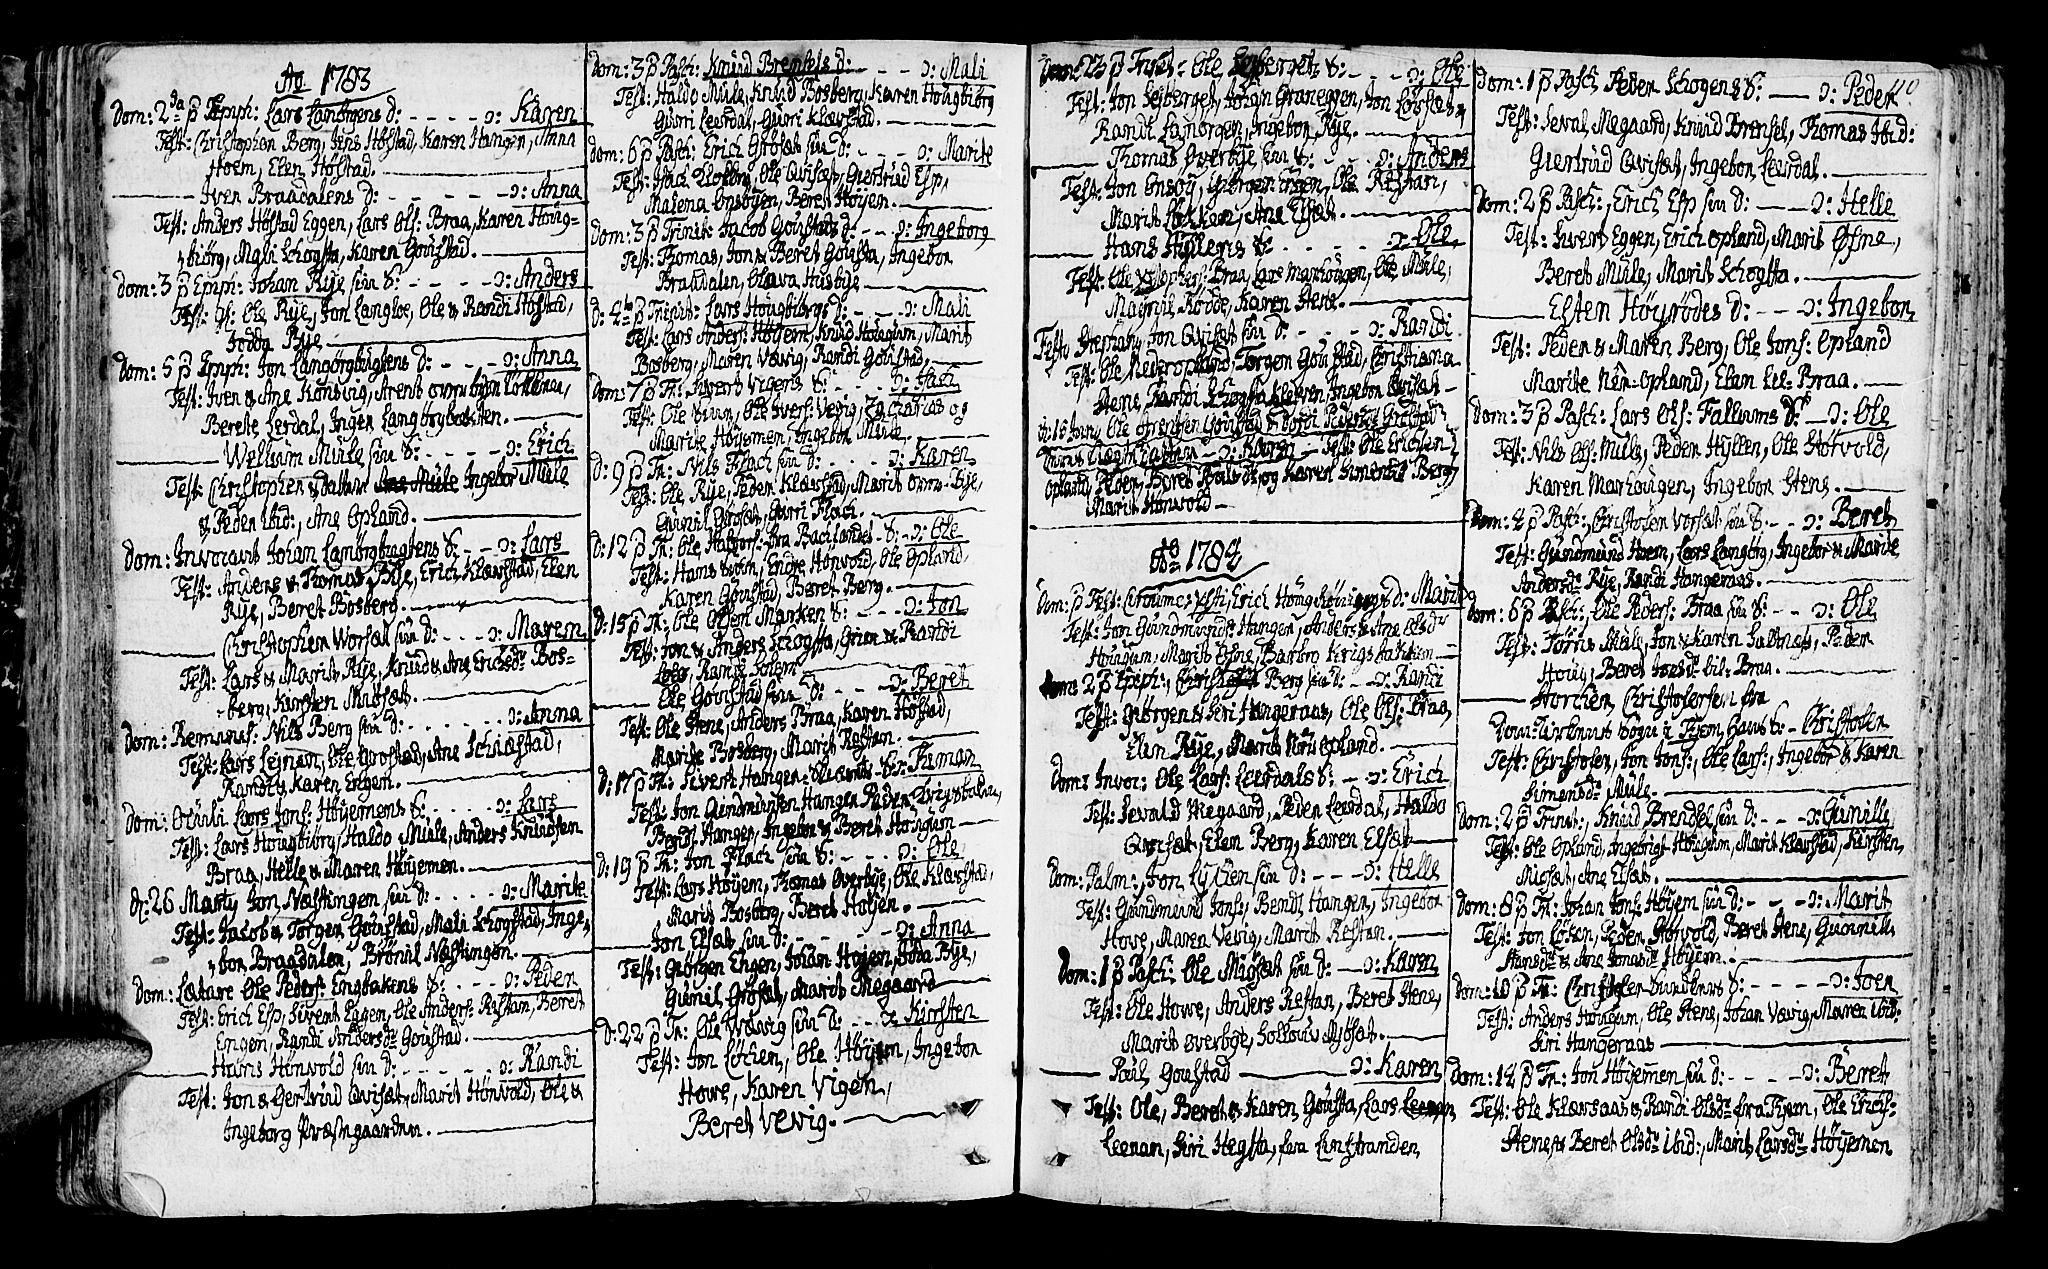 SAT, Ministerialprotokoller, klokkerbøker og fødselsregistre - Sør-Trøndelag, 612/L0370: Ministerialbok nr. 612A04, 1754-1802, s. 110